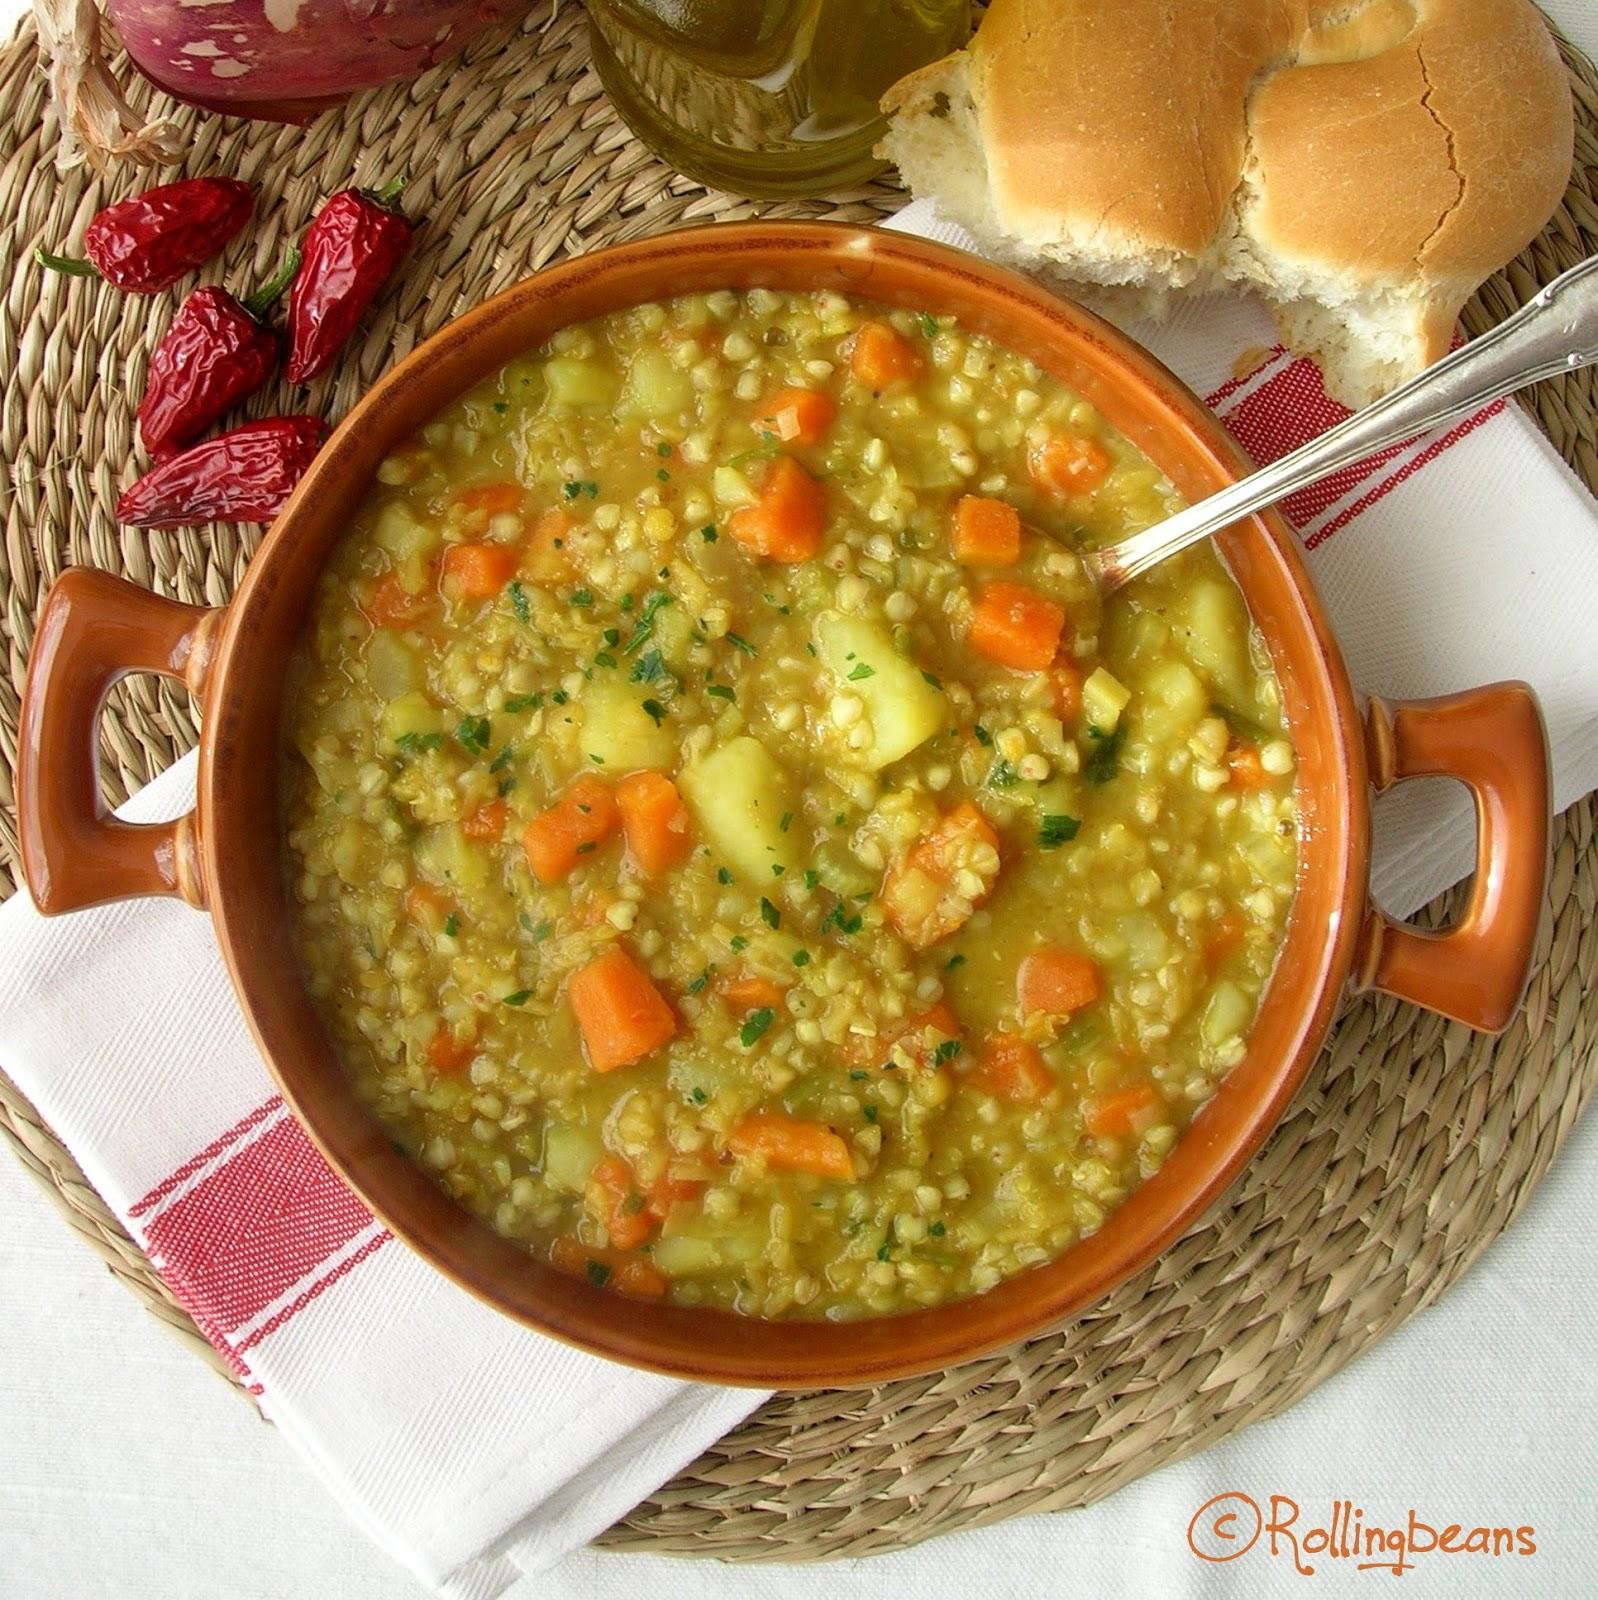 zuppa di grano saraceno e lenticchie rosse (vegan,gluten free)